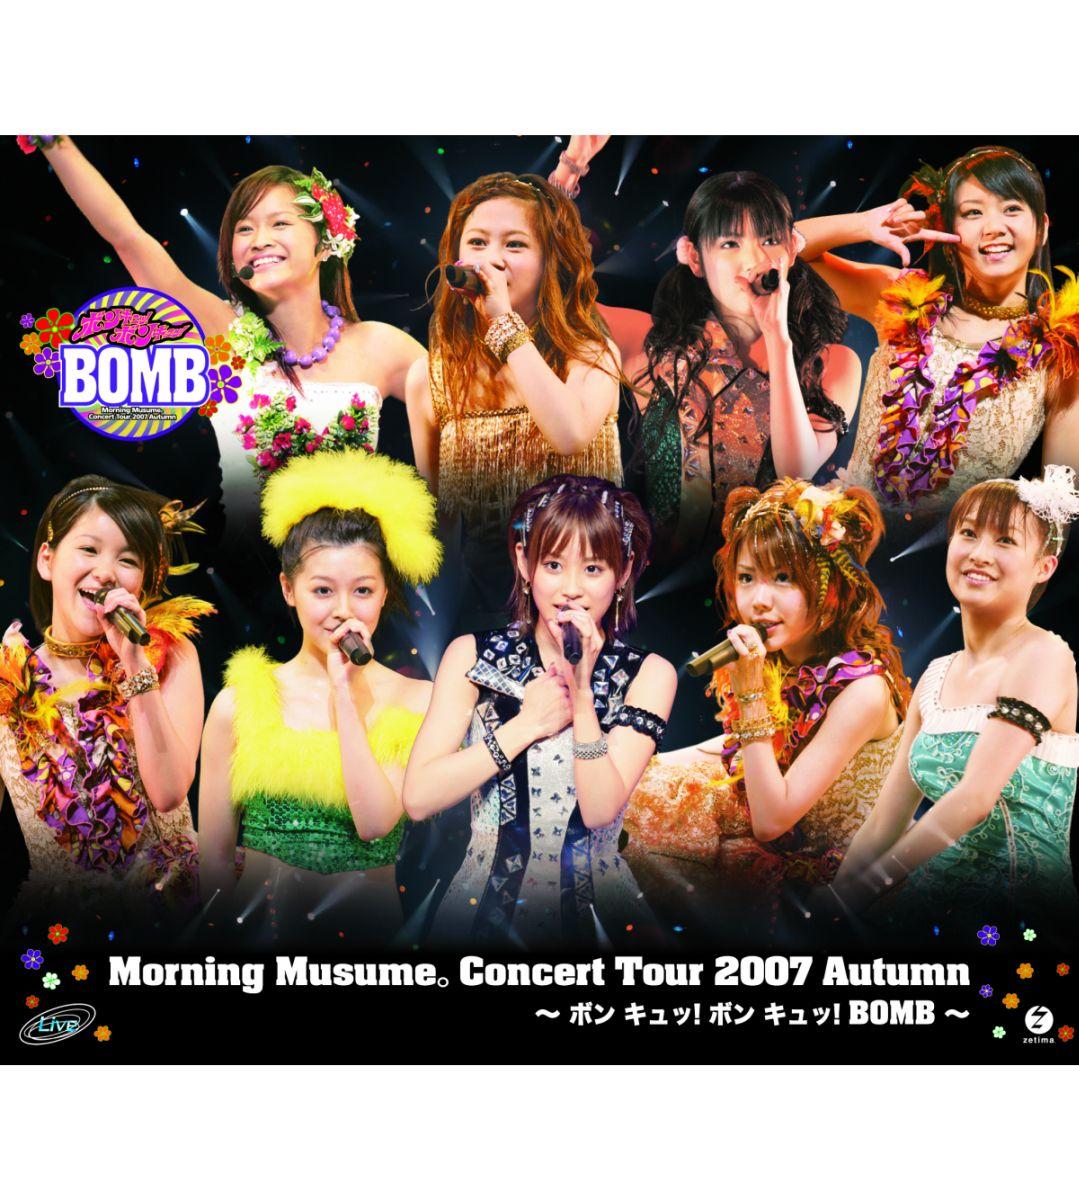 モーニング娘。コンサートツアー2007秋 ボン キュッ!ボン キュッ!BOMB【Blu-ray】